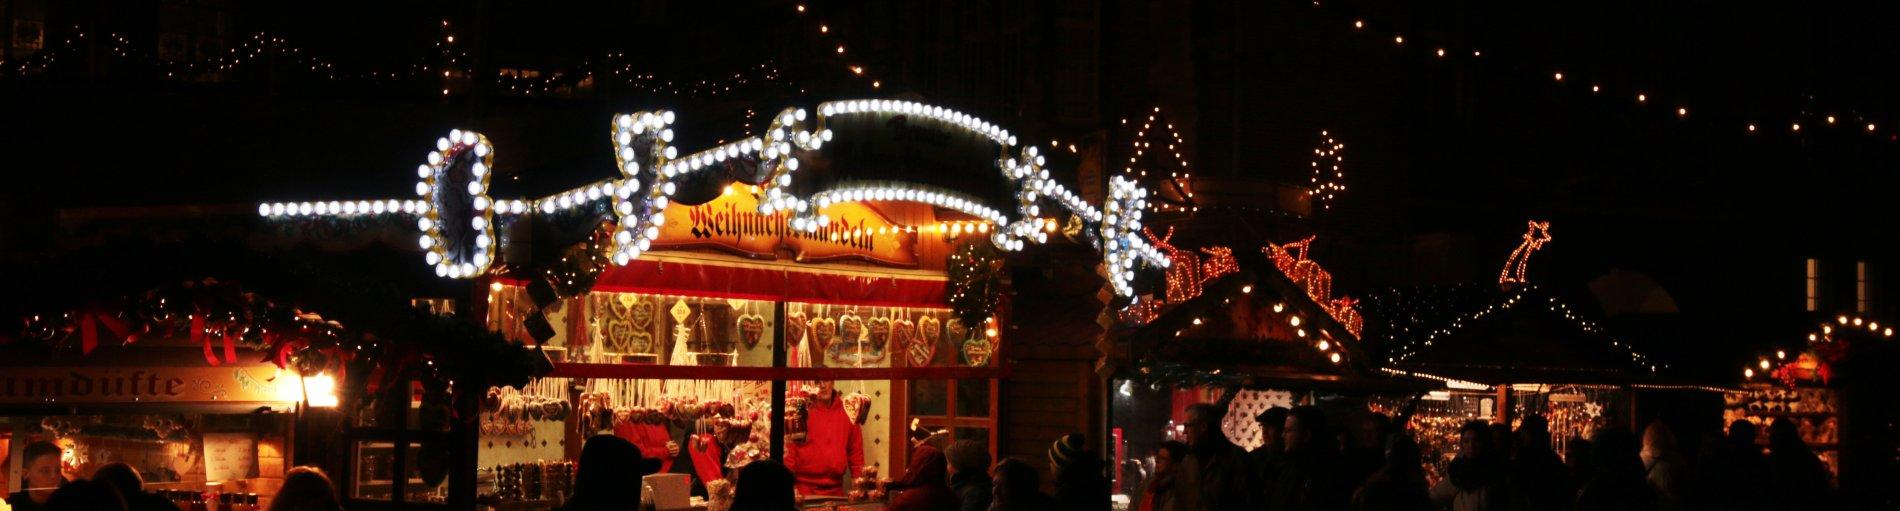 Buden auf einem Weihnachtsmarkt bei Nacht